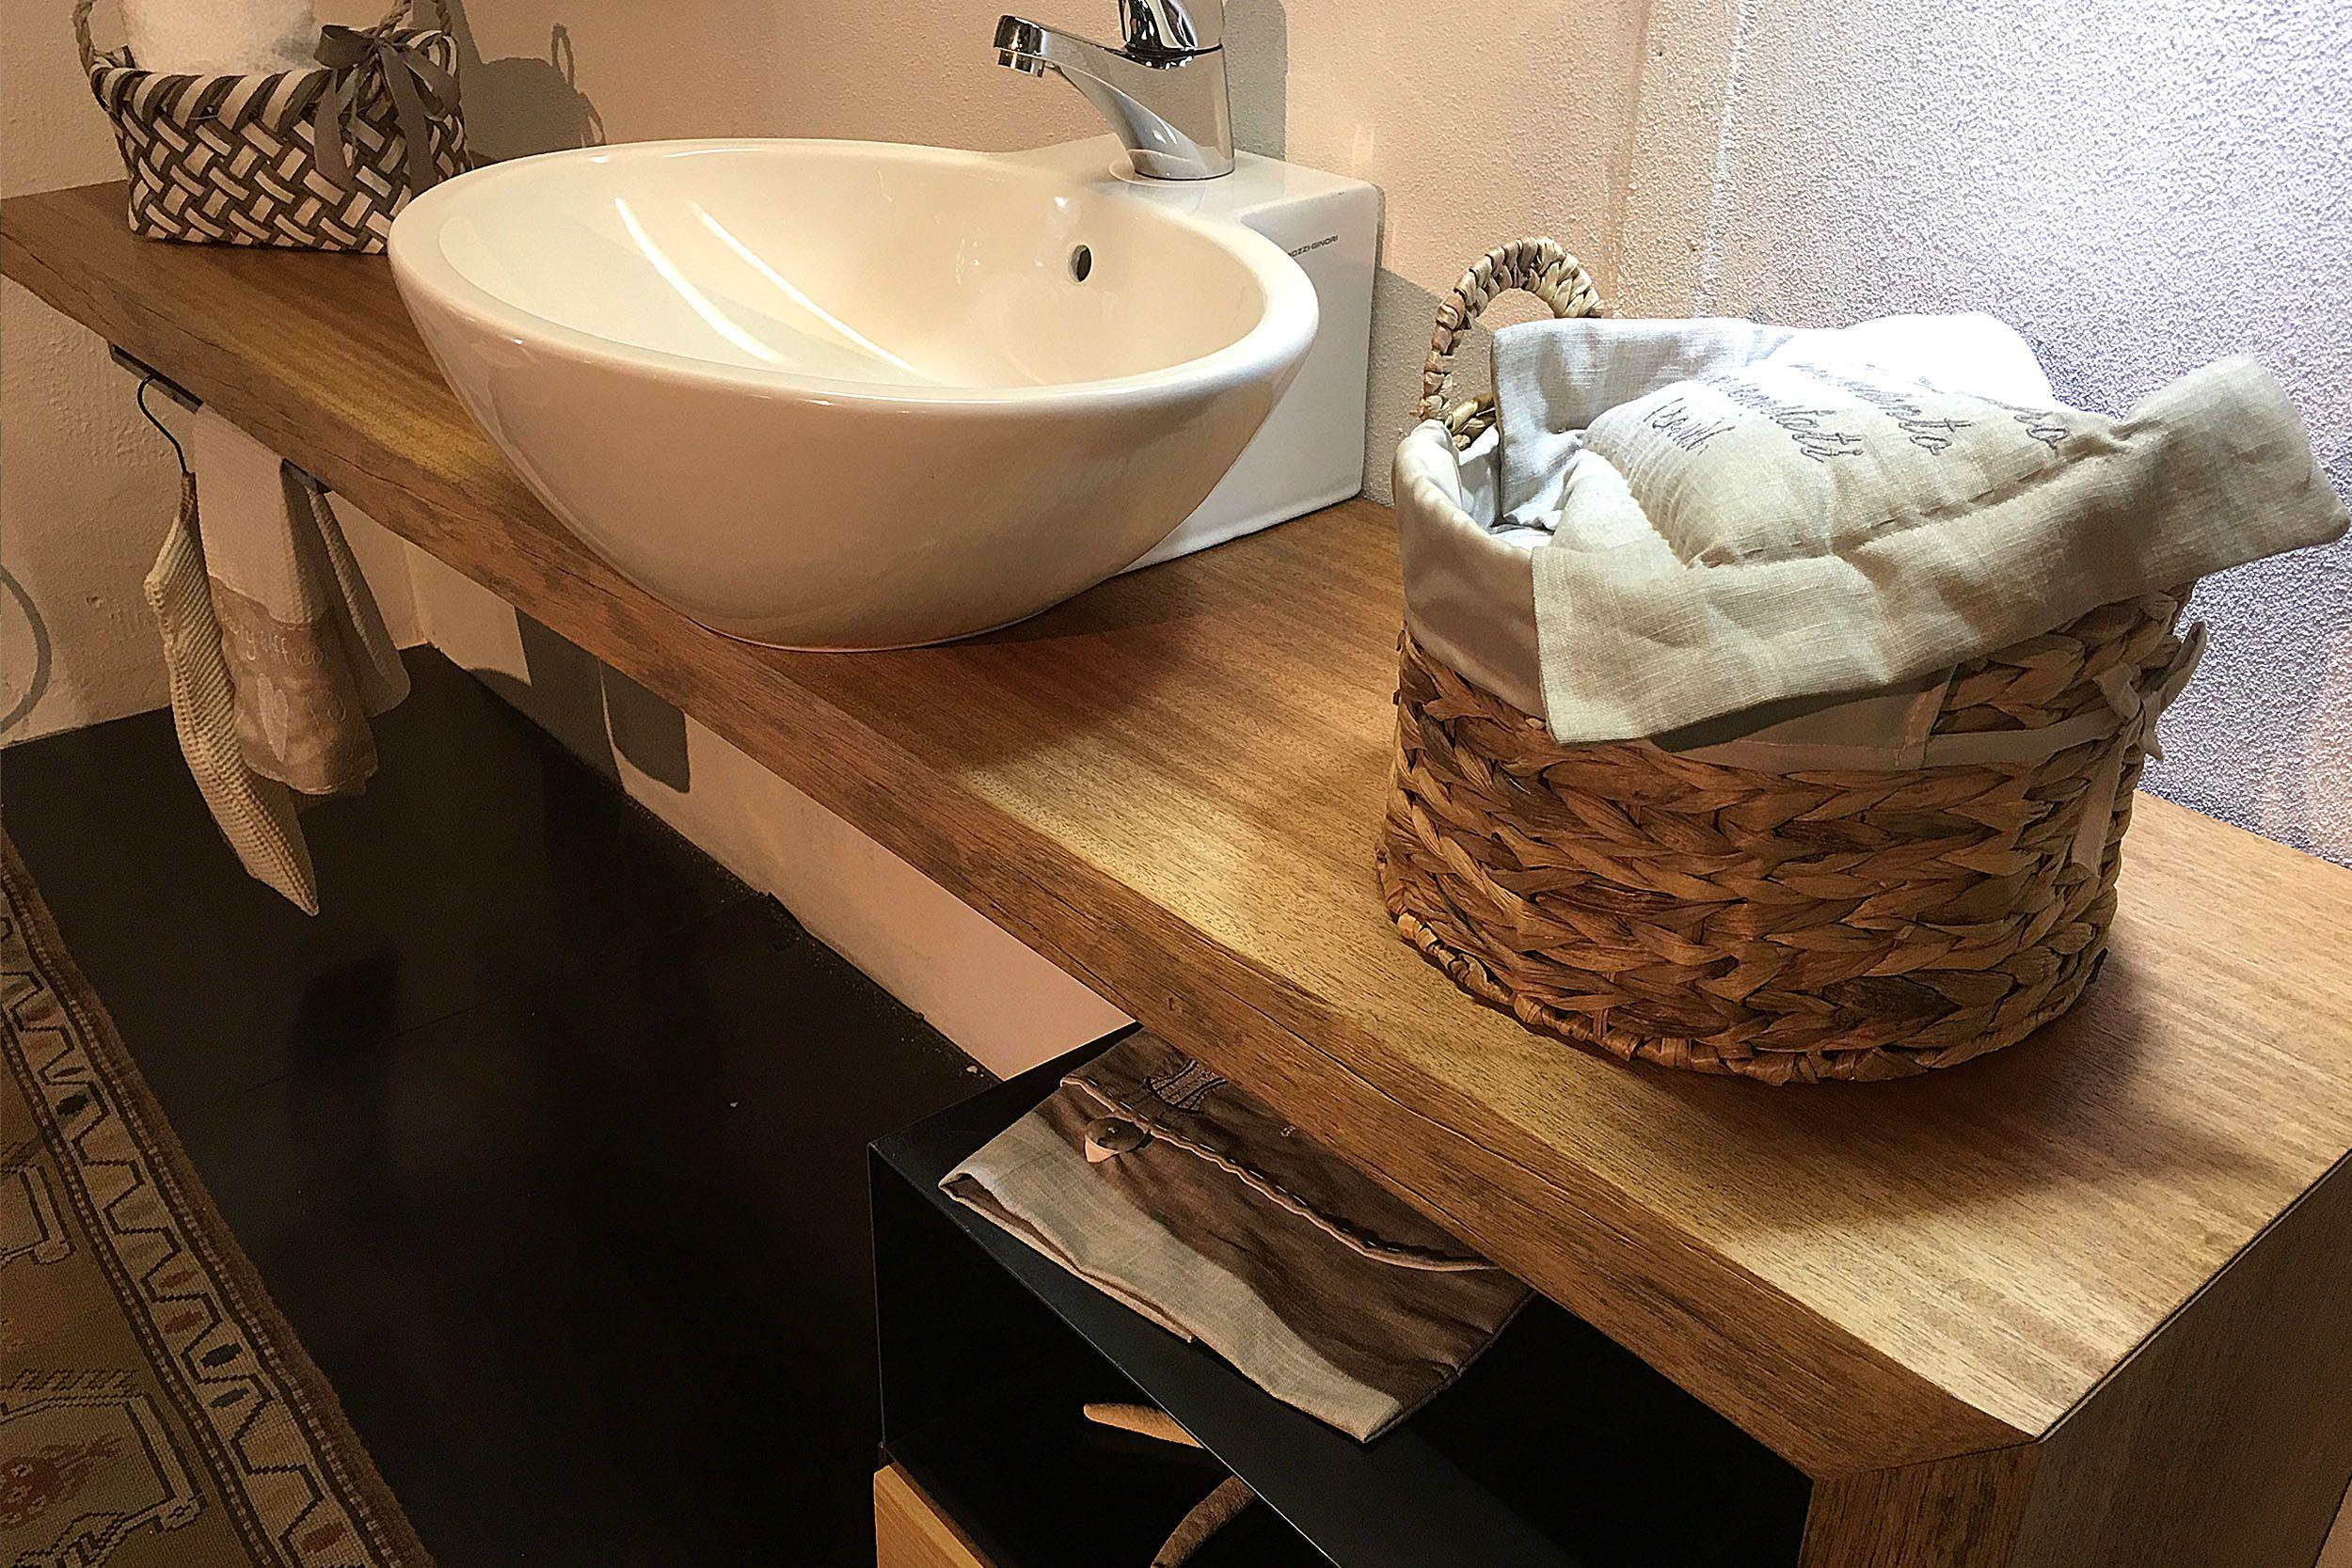 Piana bagno realizzata in legno di Mogano con particolare gamba a 45 gradi.  Specchio sospeso con schienale in ferro e mensole.